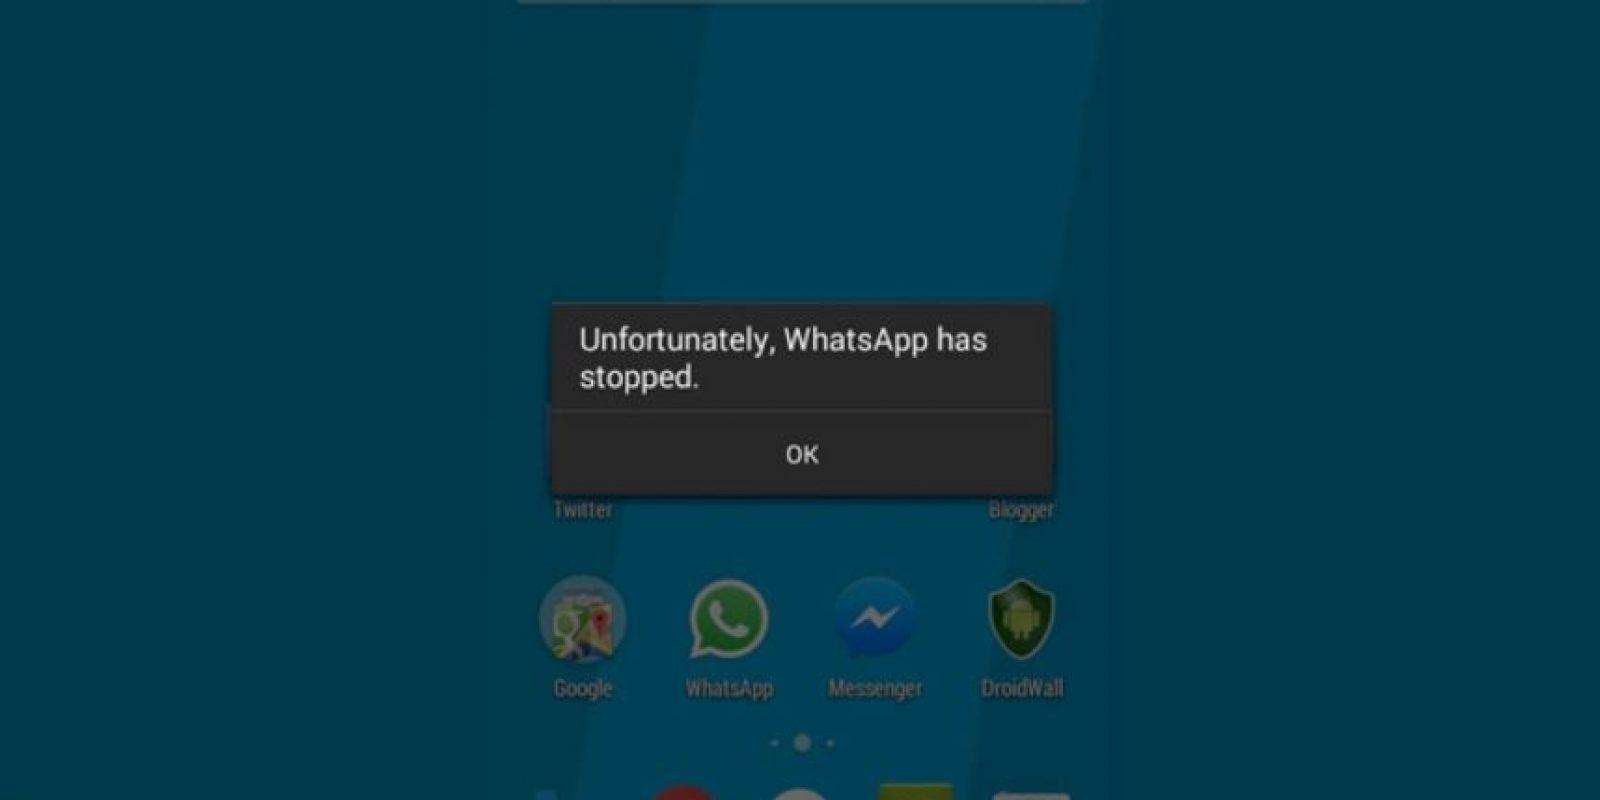 El mensaje de error al querer entrar a WhatsApp. Foto:The Hacker News